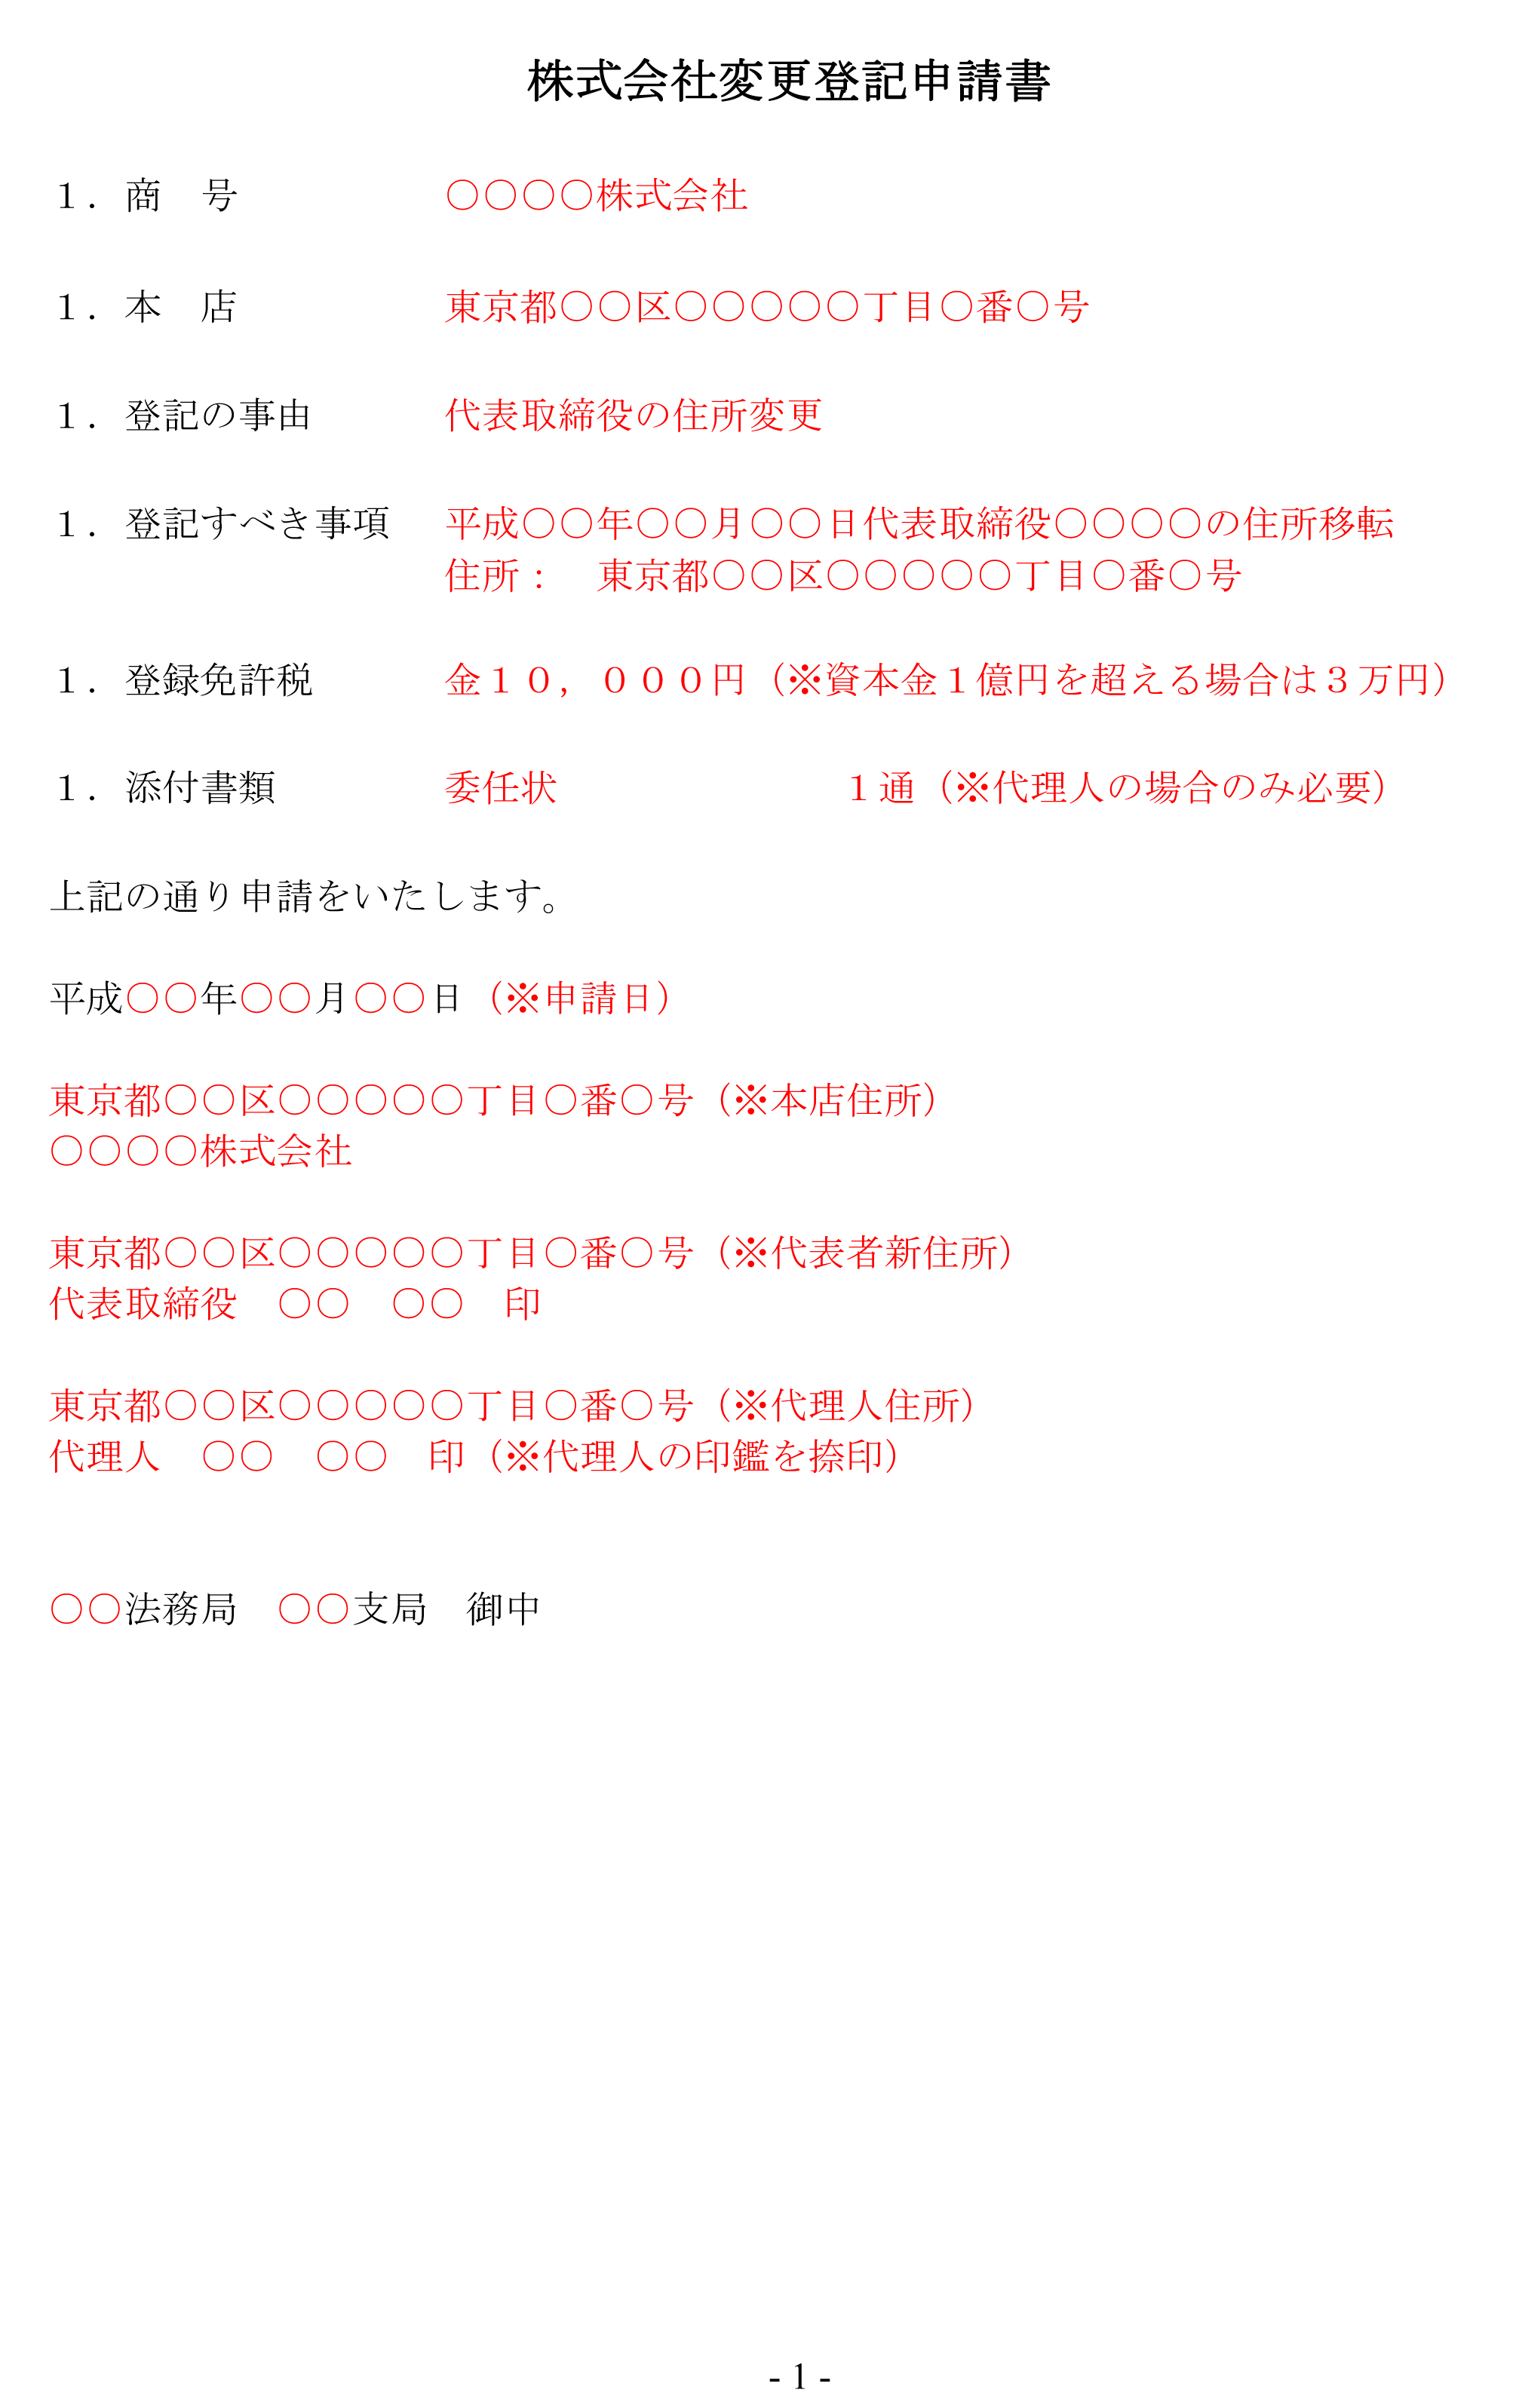 登記申請書(代表者住所変更)